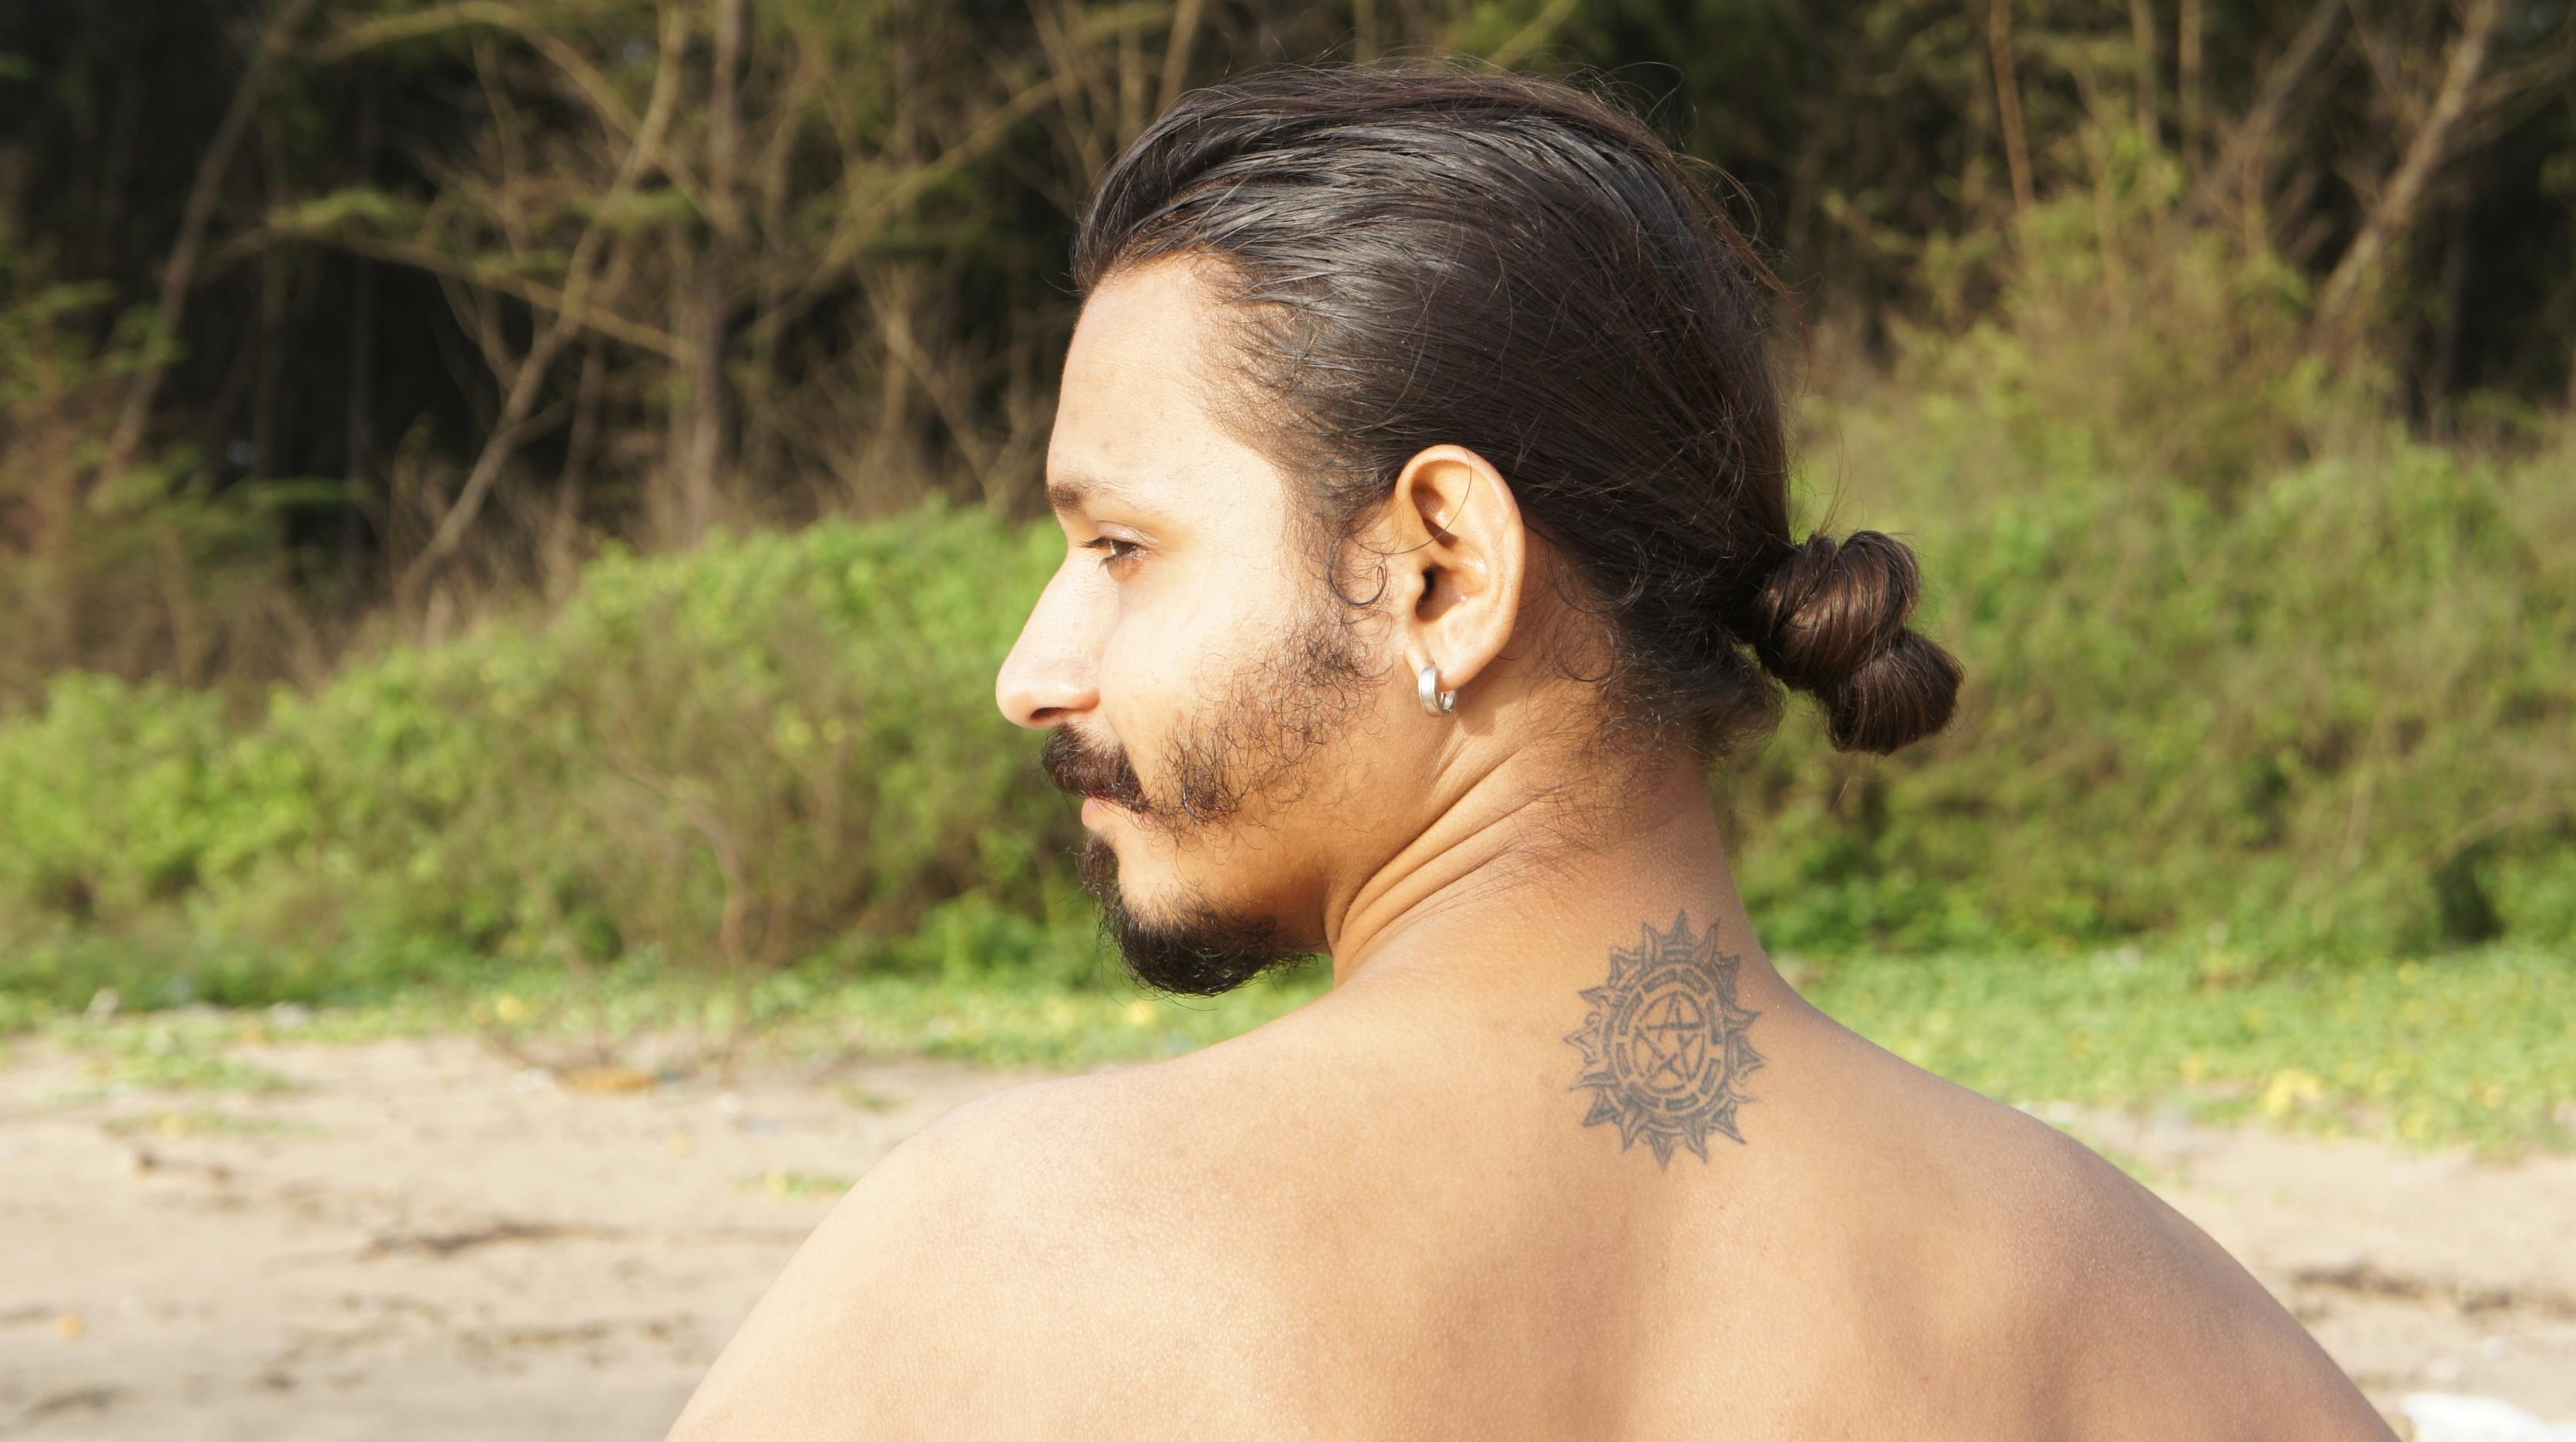 Nude tattooed older women bodies #1